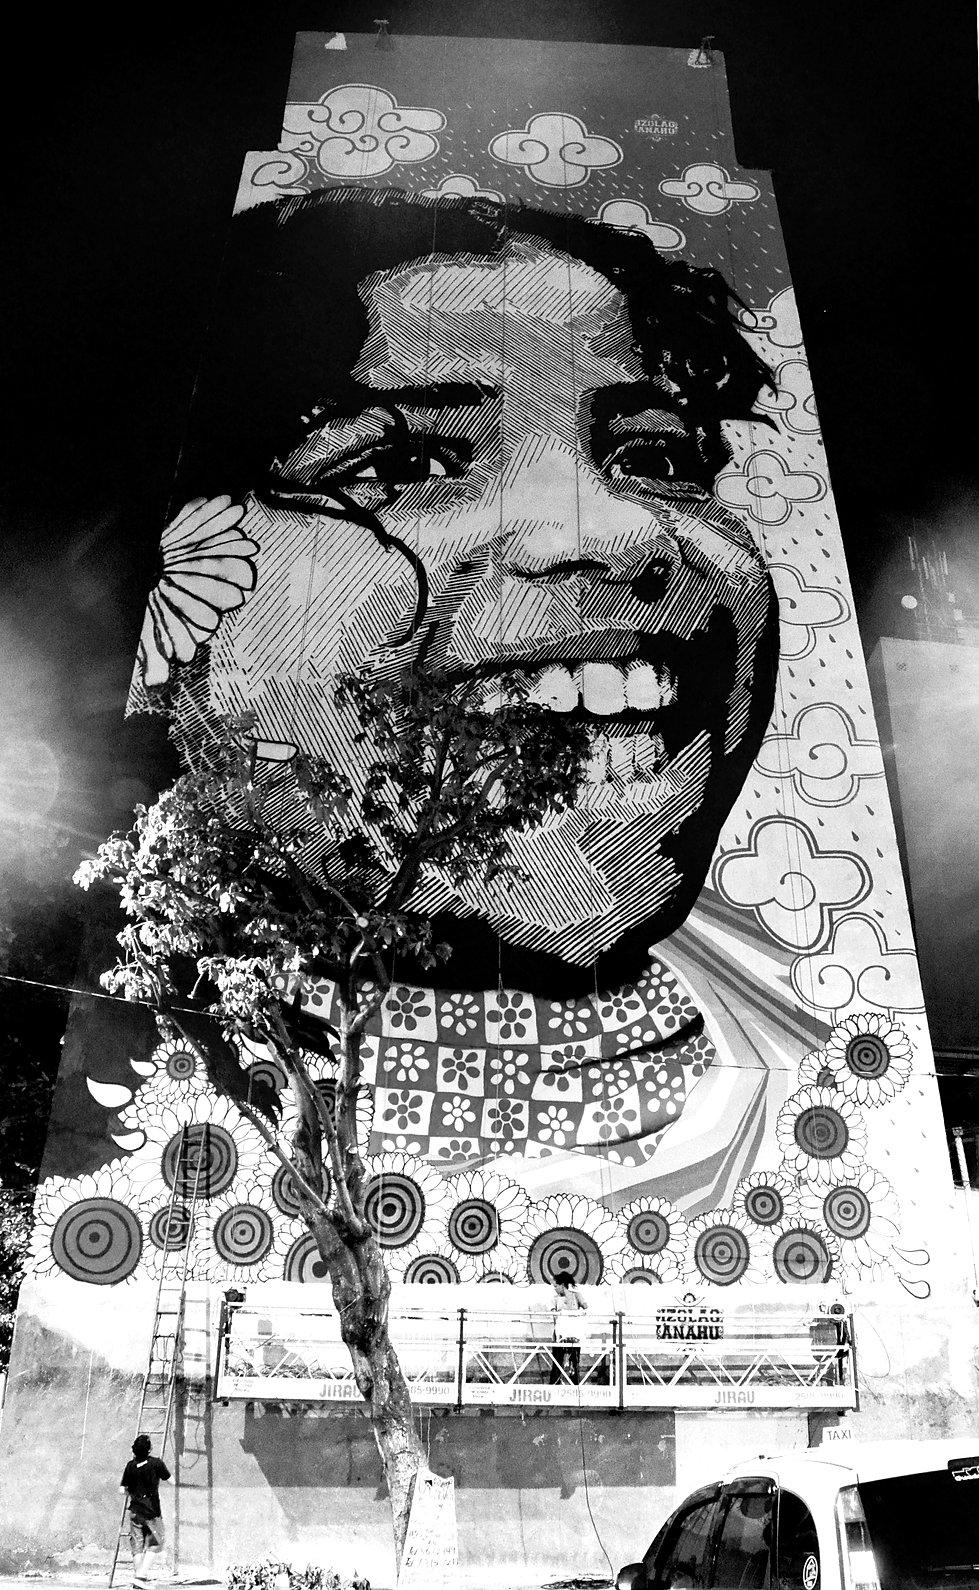 The World's Largest Stencil, Muralism, mural, muralist, master, firme forte records, izolag, anahu, ananda nahu, rio de janeiro, streetart rio de janeiro, arte urbana, stencil, biggest stencil, firme forte records, graffiti, urban art, liceu das artes